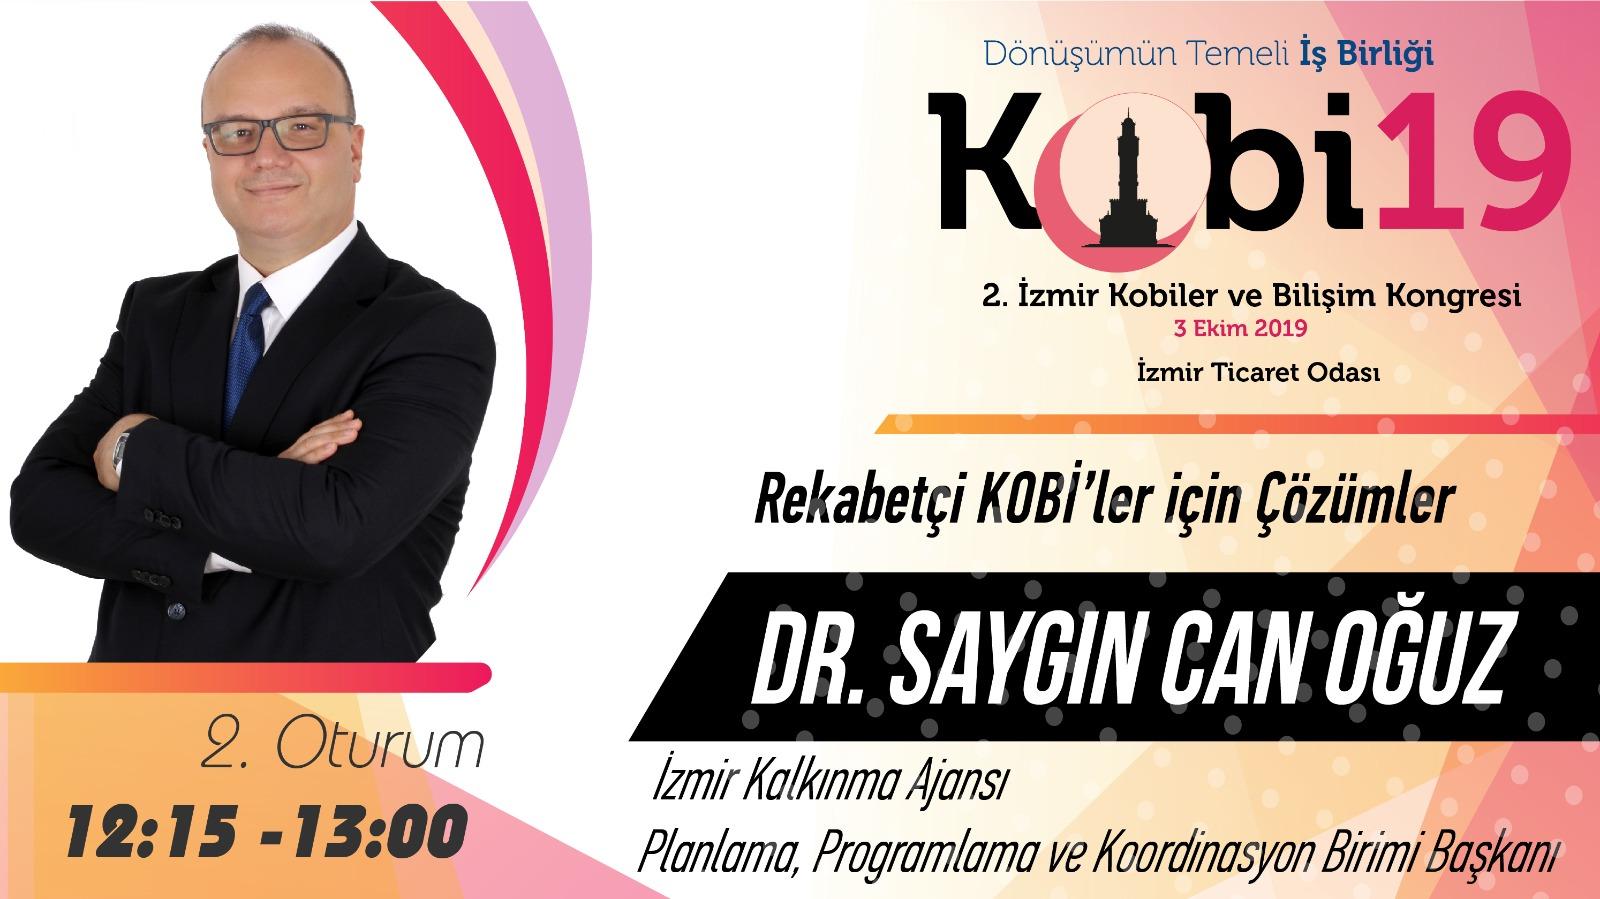 Saygın Can OĞUZ - 2. İzmir Kobiler ve Bilişim Kongresi 2019